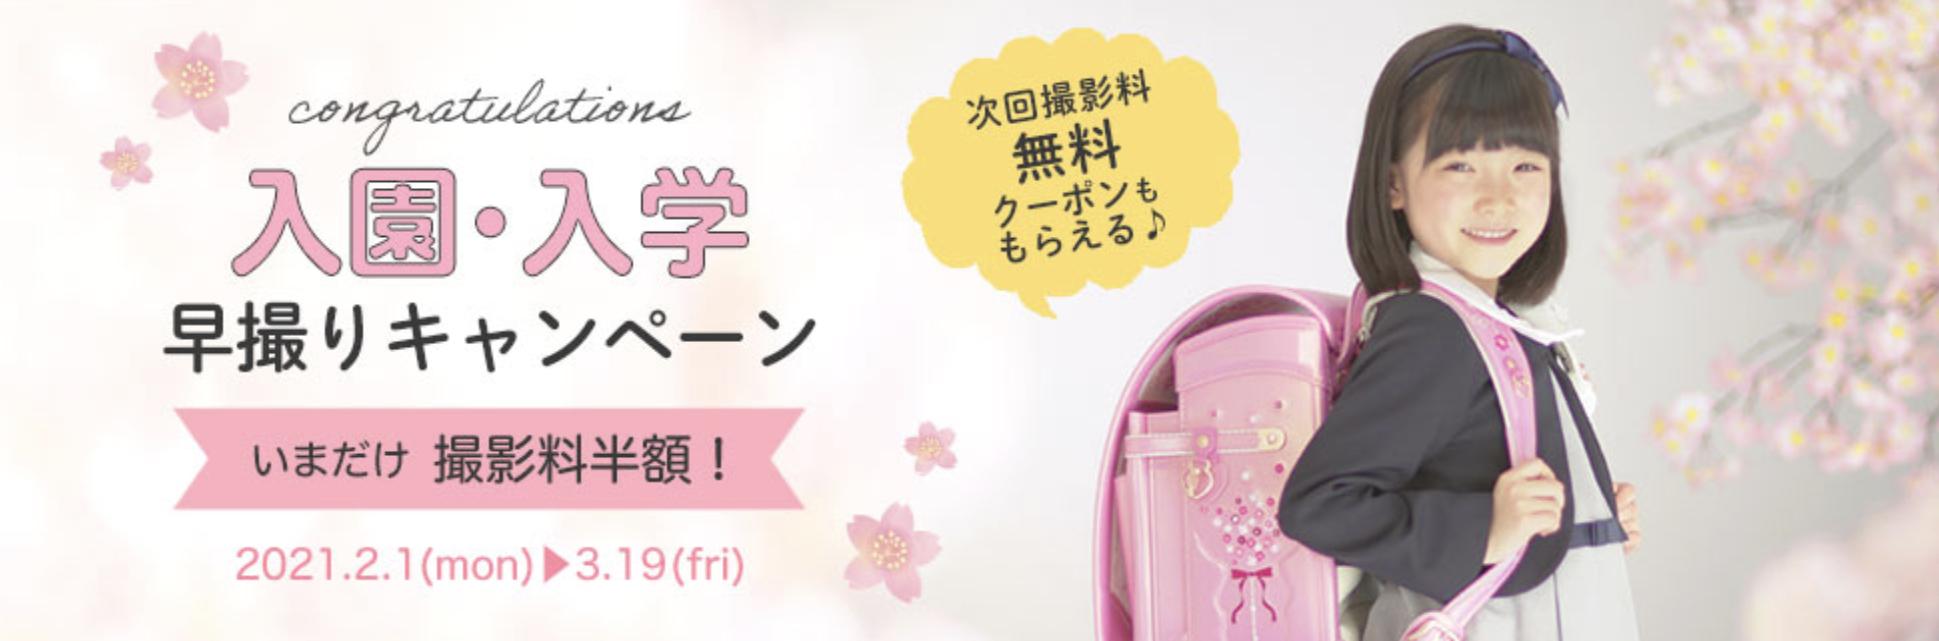 スタジオマリオの入園・入学キャンペーン